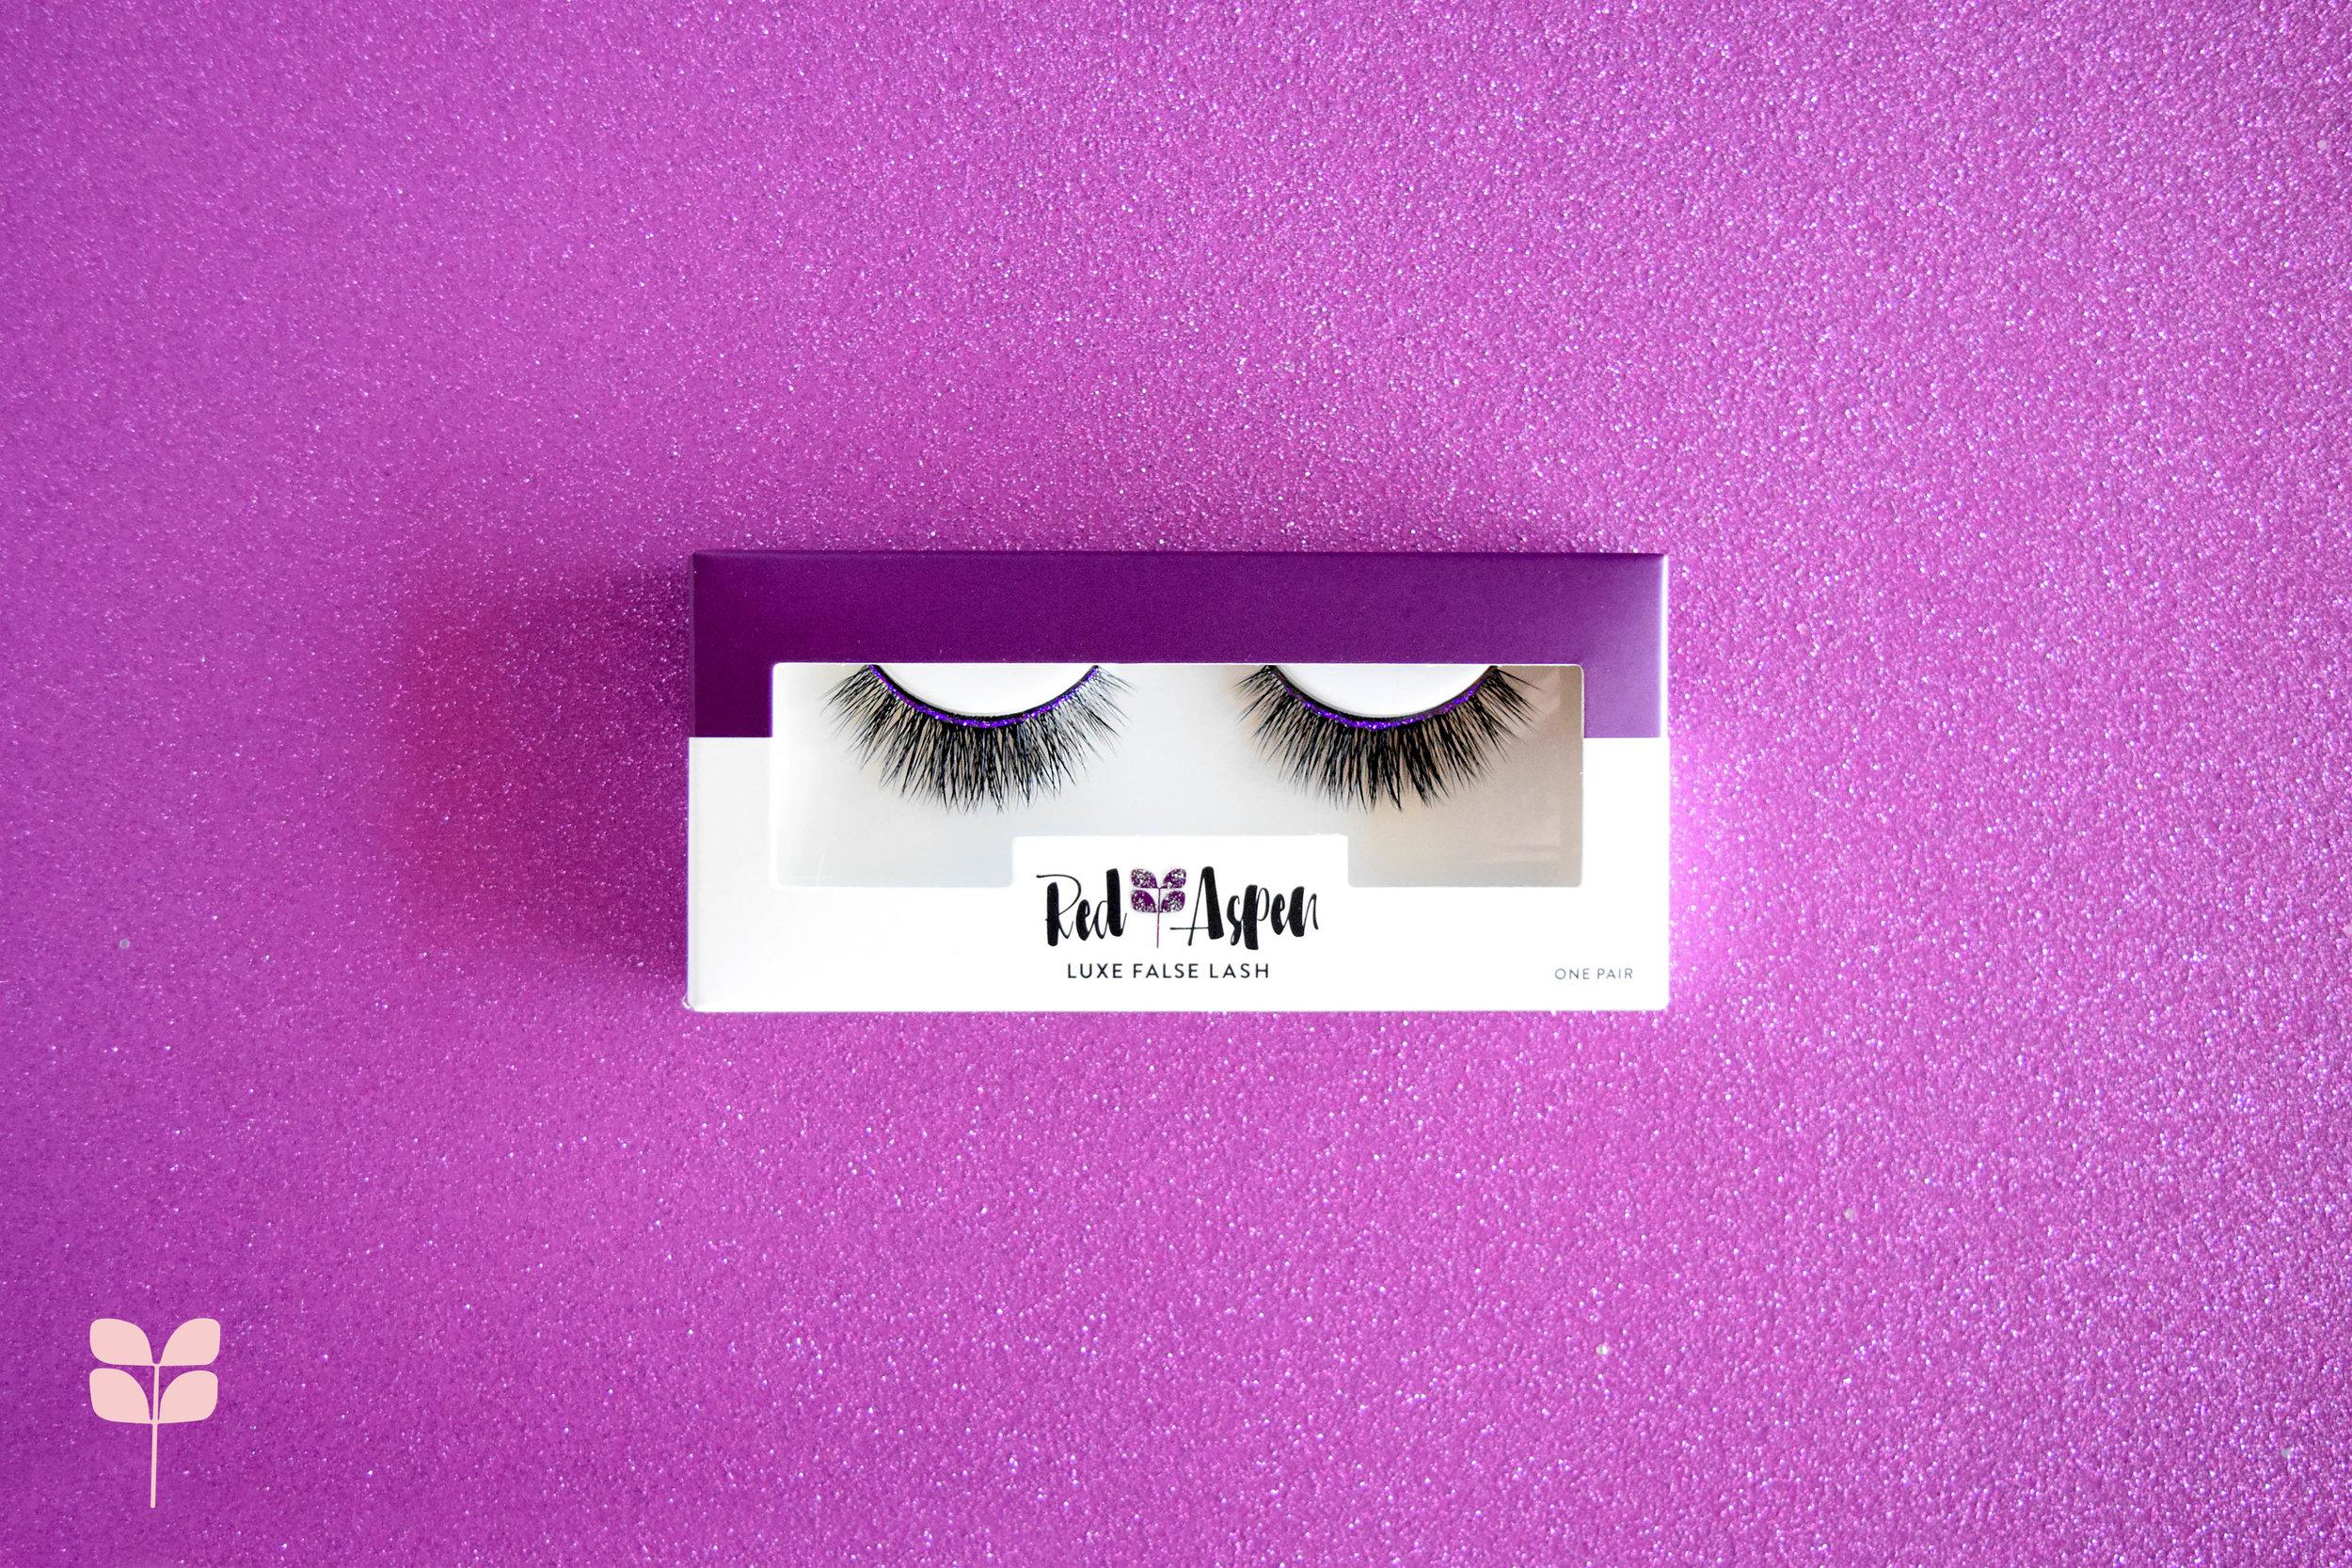 Violet Lash League - Watermark (2).jpg